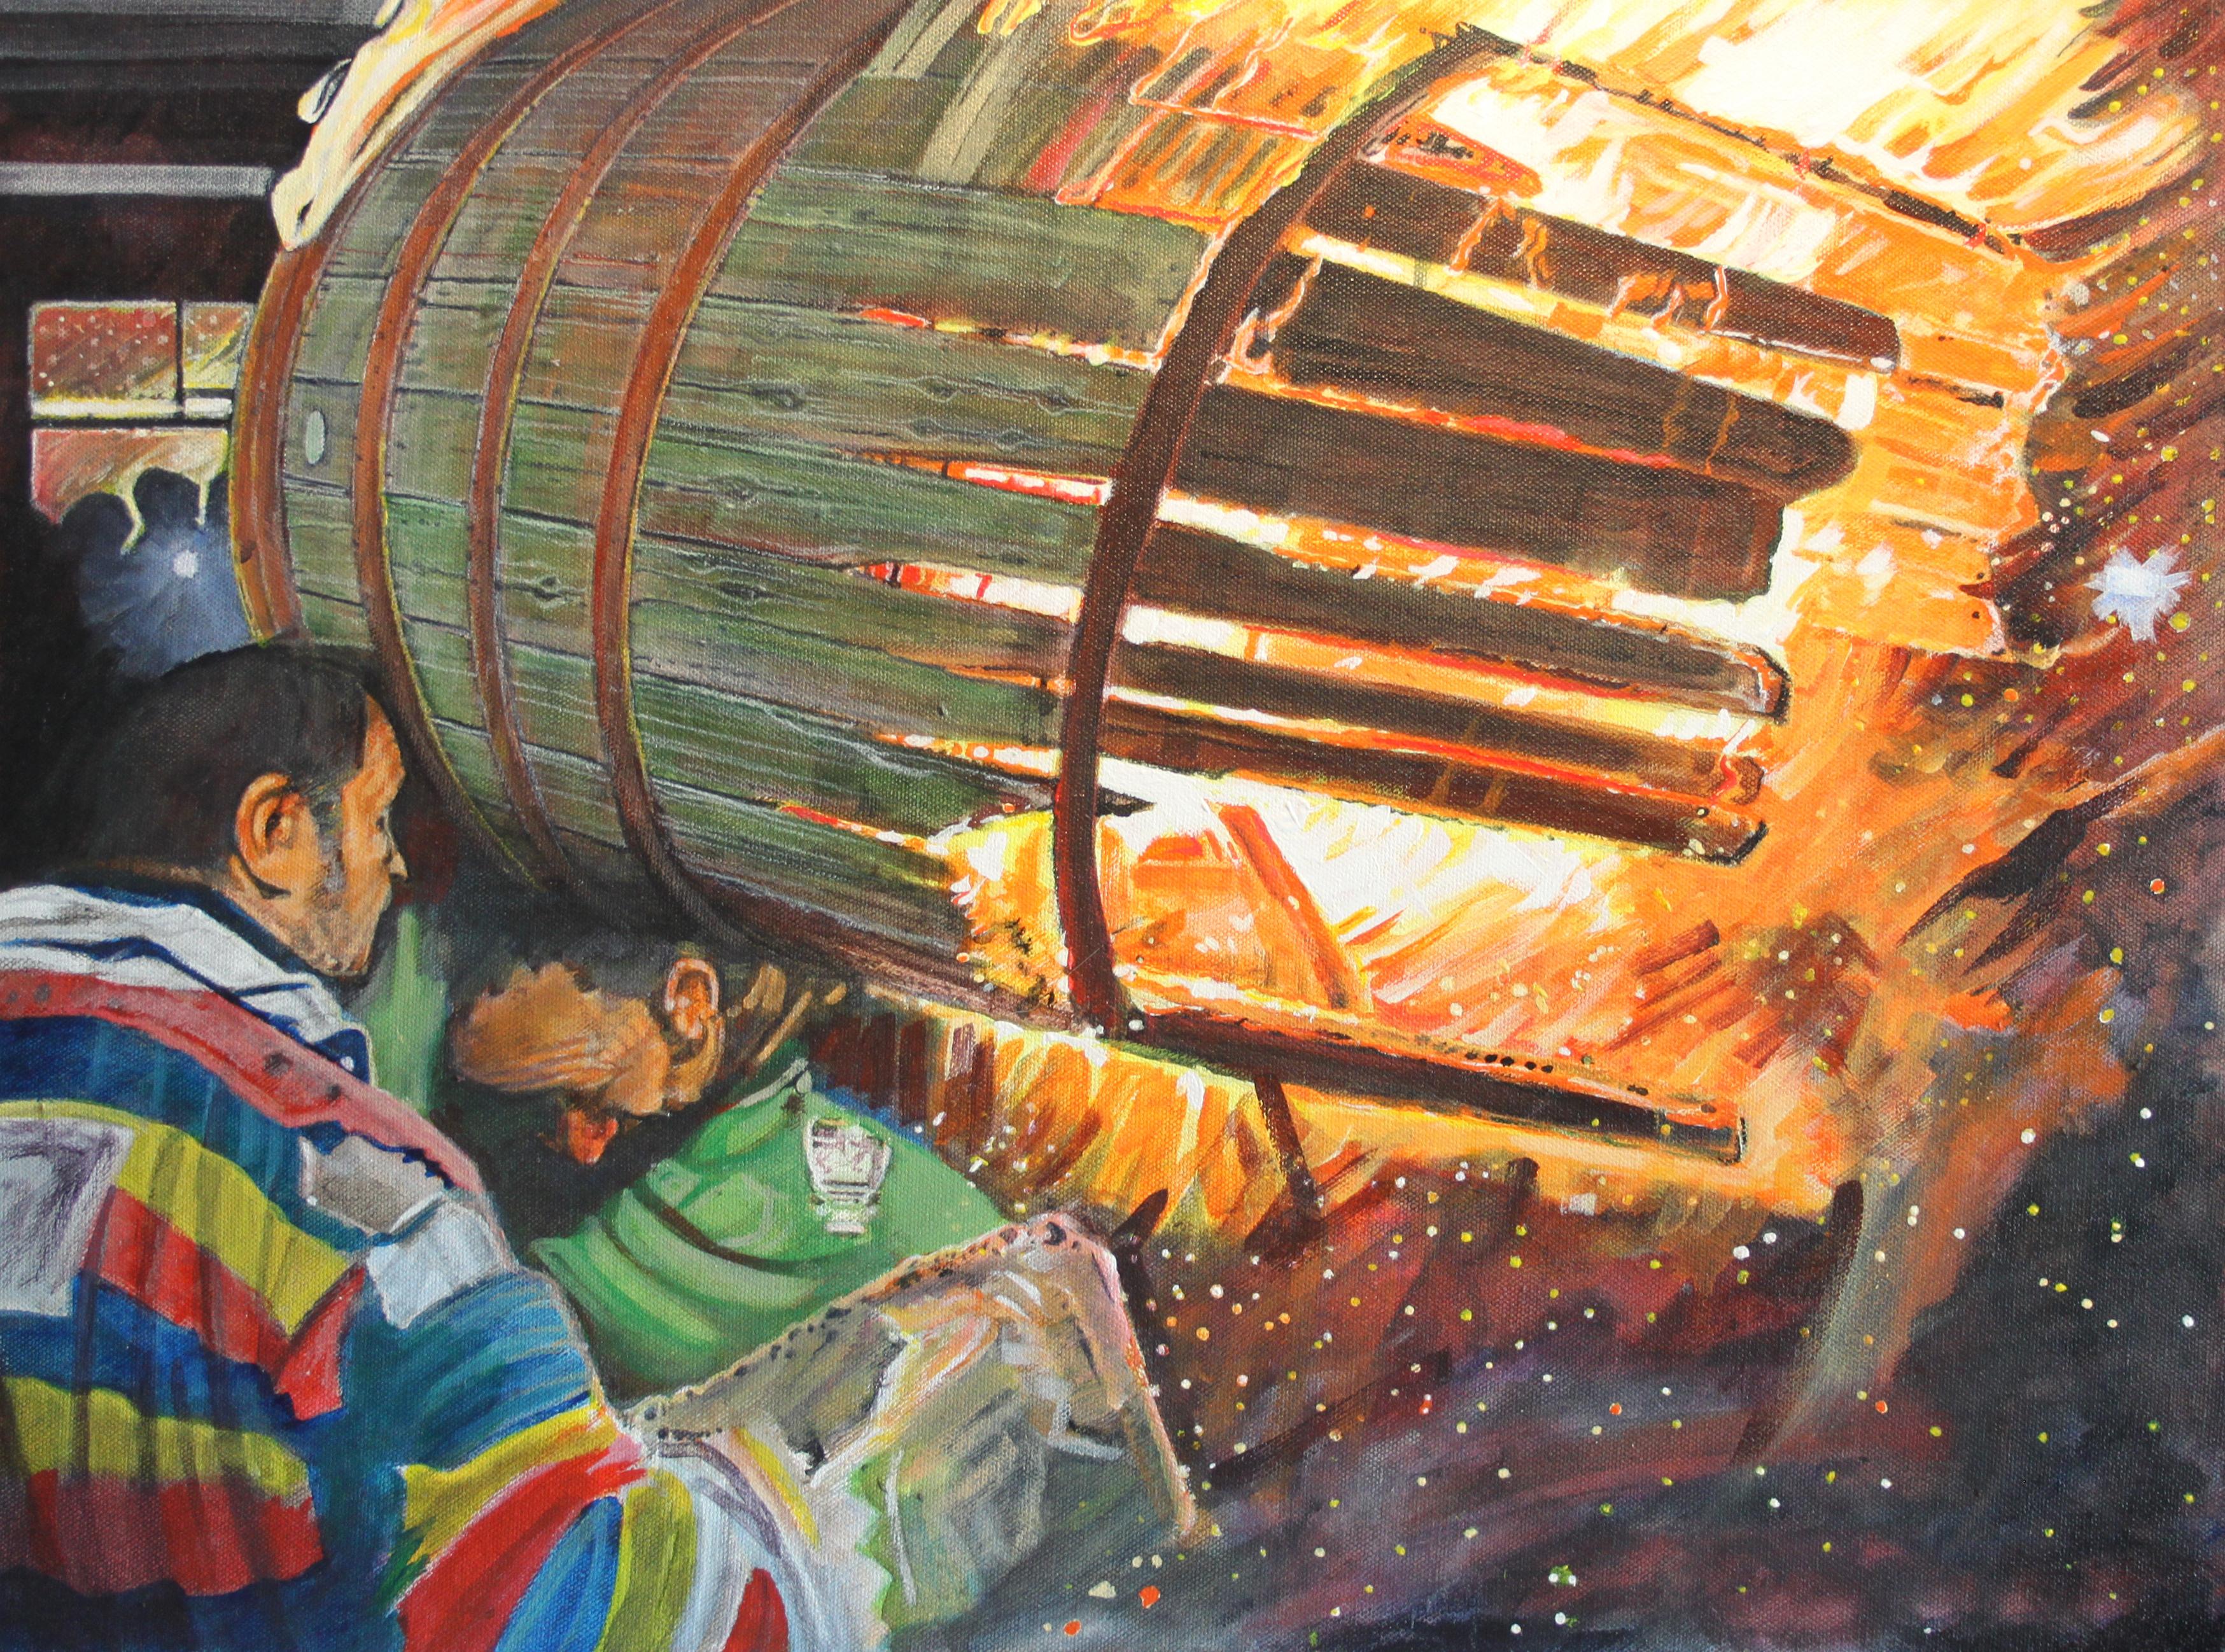 Tar barrels Ottery St Mary